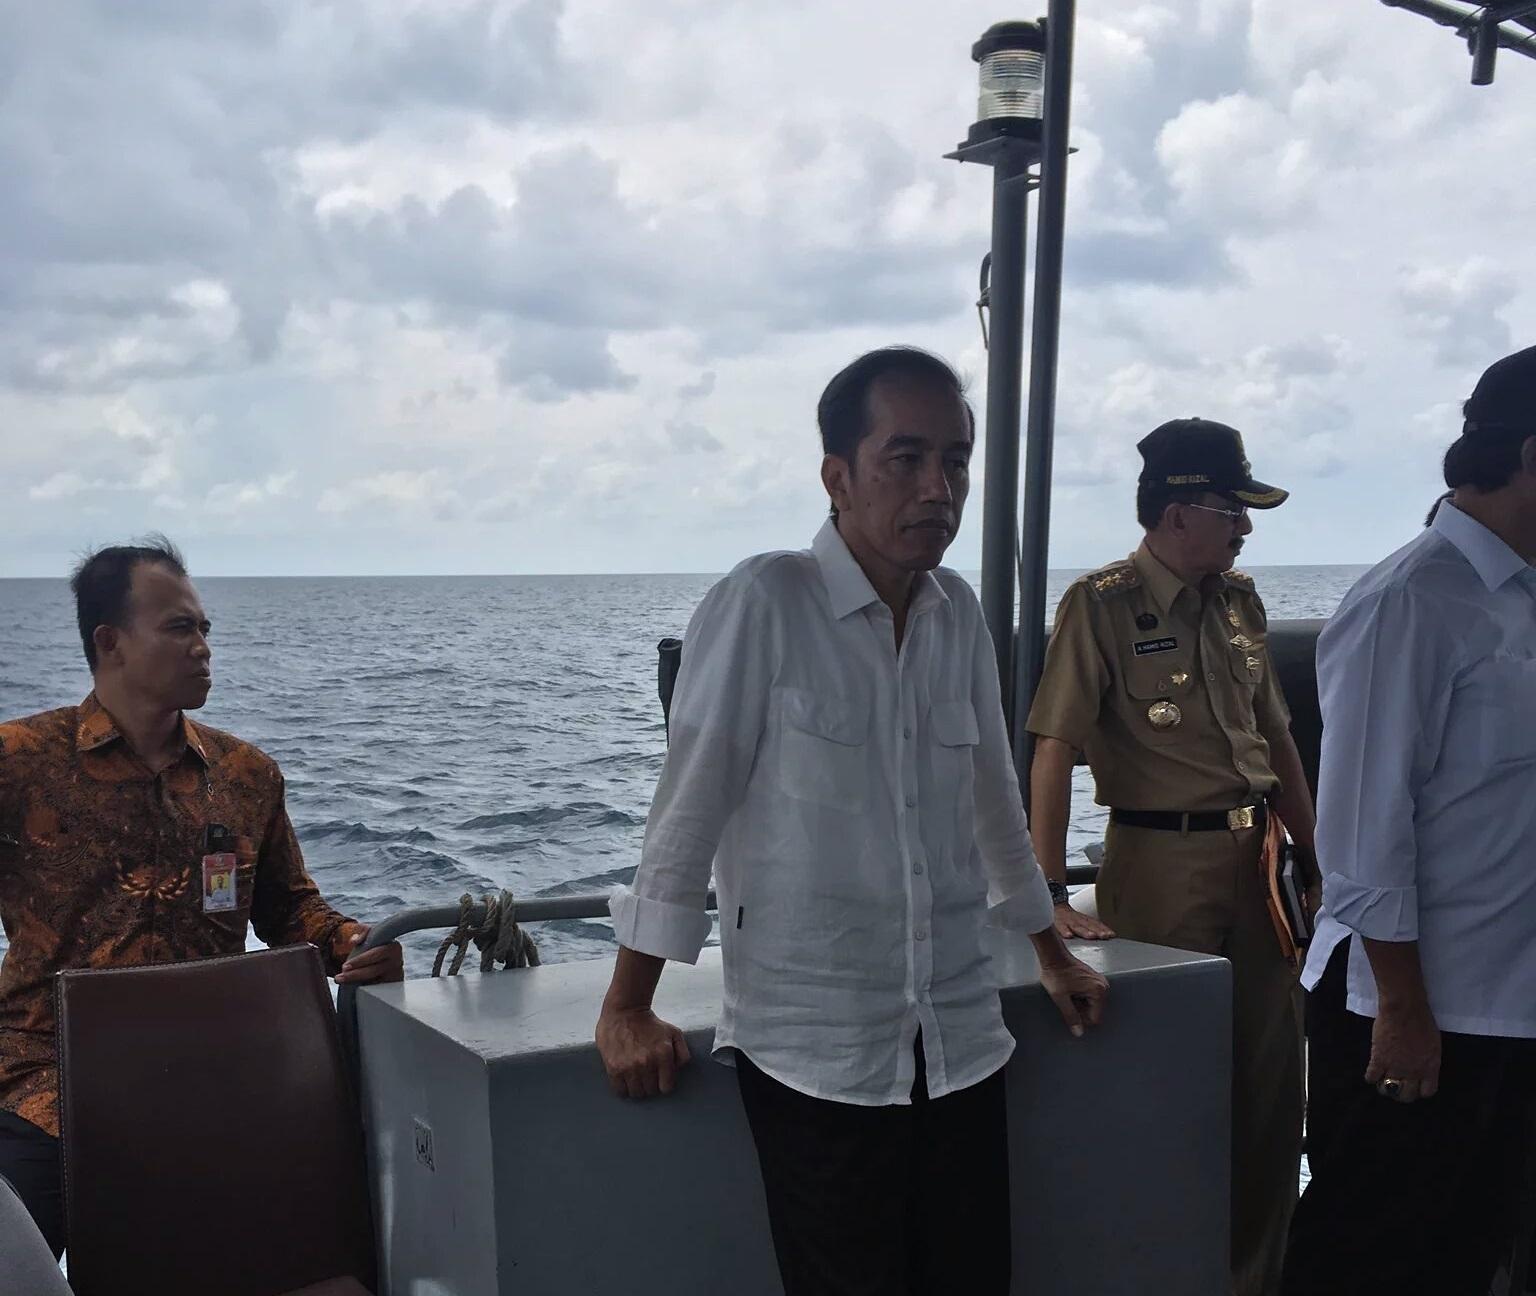 Tổng thống Widodo cùng quan chức an ninh cấp cao Indonesia trên tàu chiến. (Ảnh: Twitter).